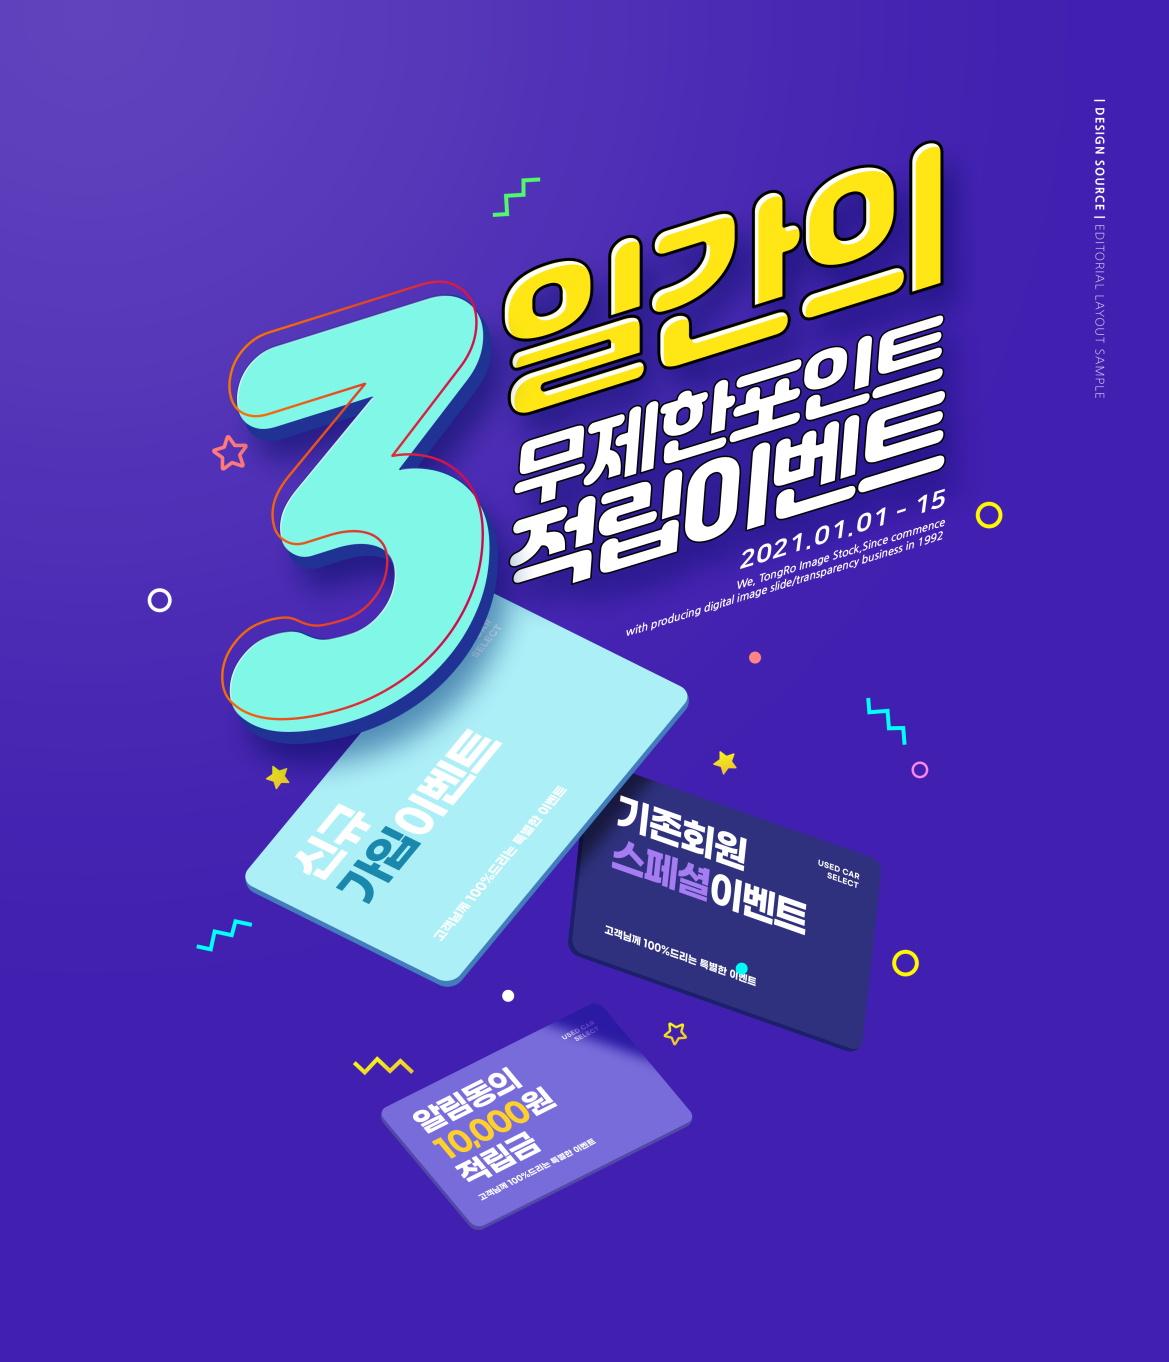 [单独购买] 16款时尚外卖金融手机购物促销海报设计PSD模板素材 Mobile Shopping Promotion Poster插图3